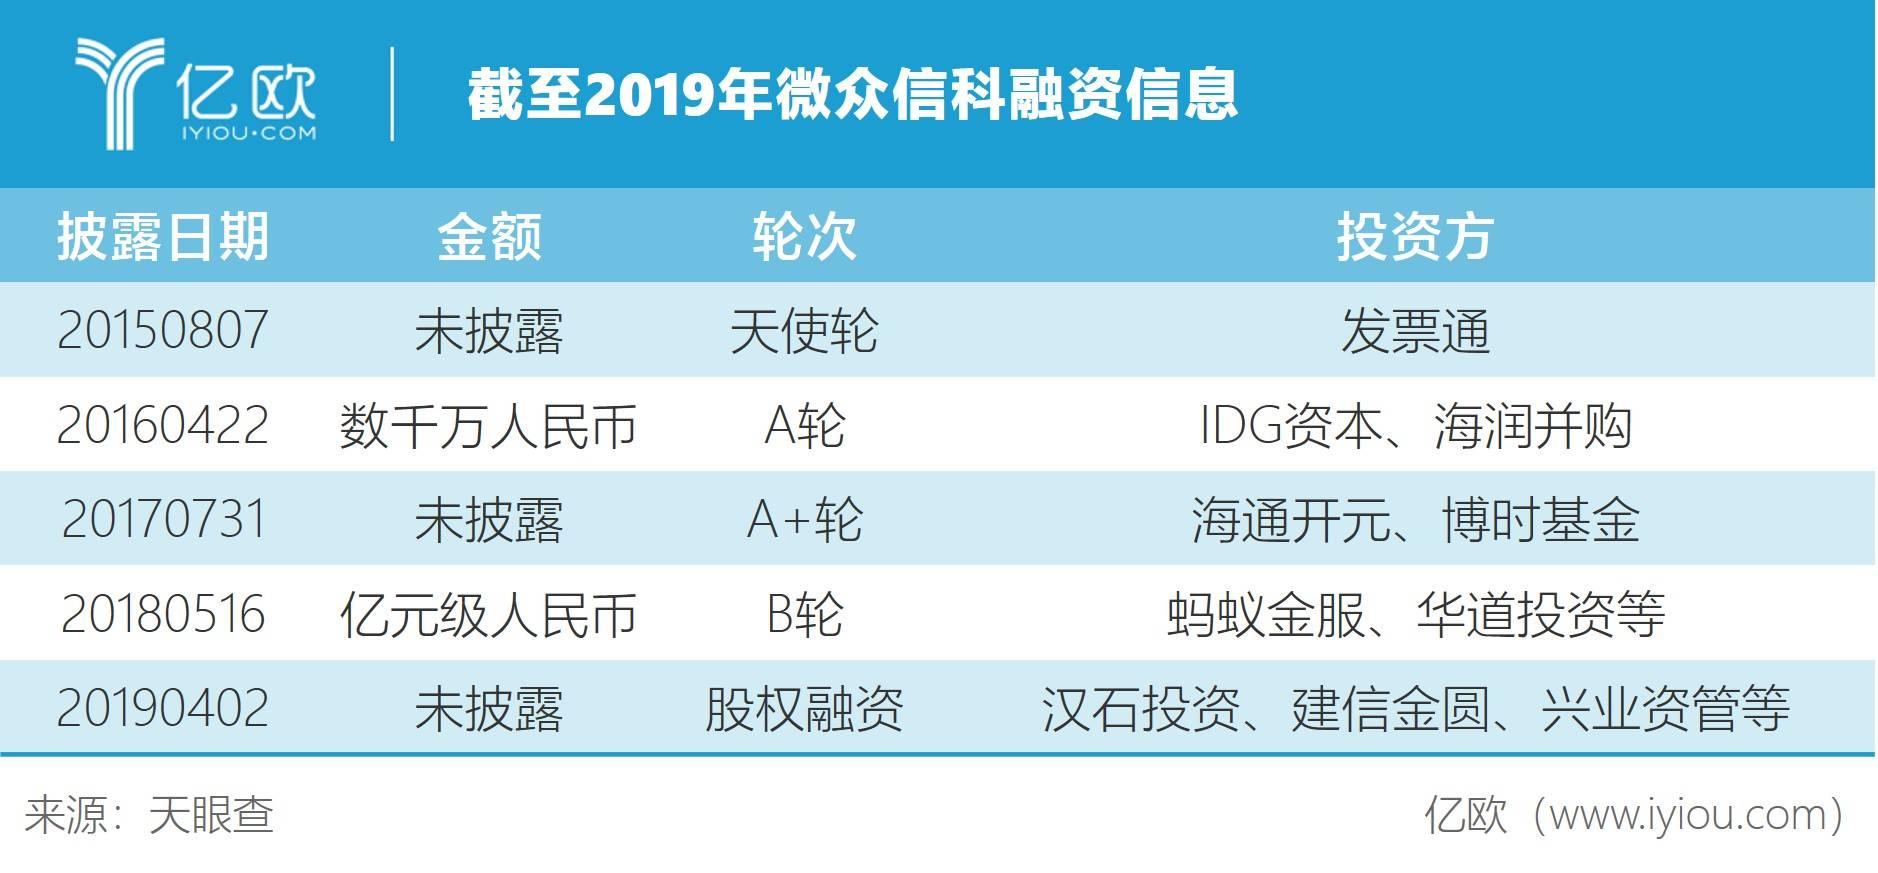 截至2019年微众信科融资信息